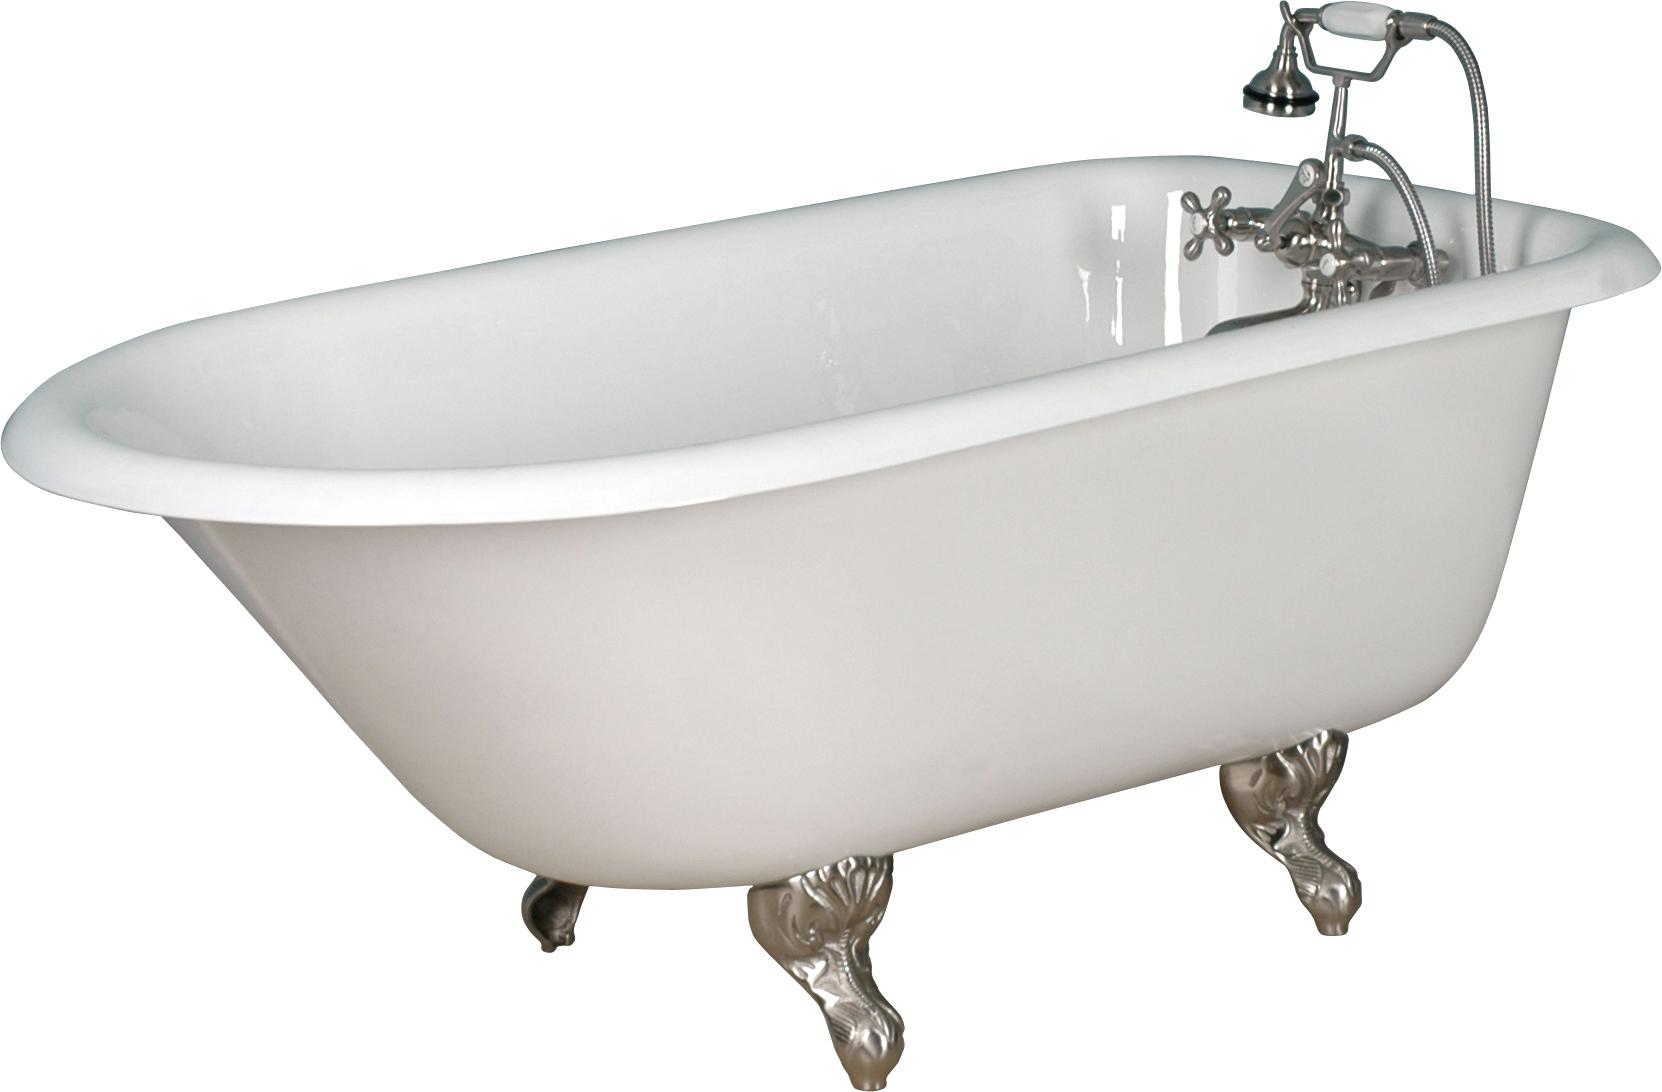 Bath Tub PNG HD - 124243